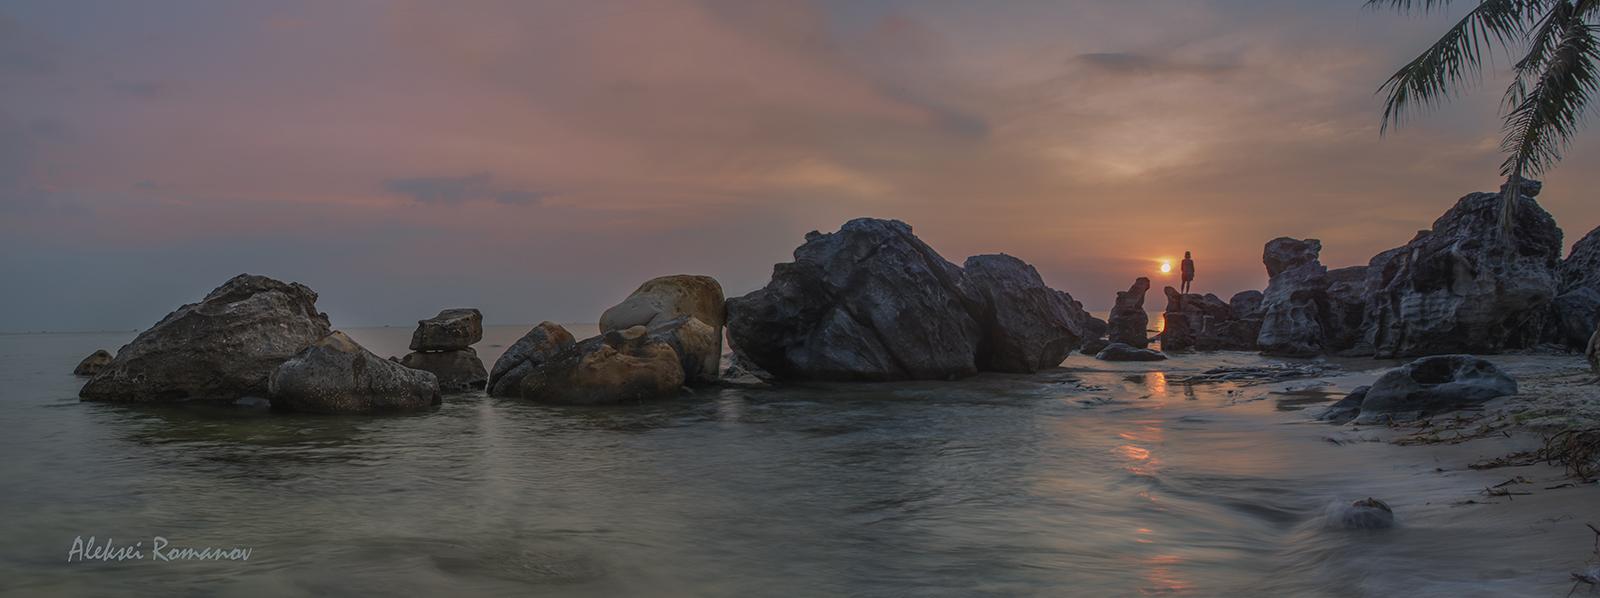 """Фукуок — самый большой остров Вьетнама. Площадь острова 574 км², длина - около 50 км., ширина - 27 км (в самом широком месте). Во Вьетнаме остров также называют """"Жемчужным островом"""" и """"Островом закатов""""."""